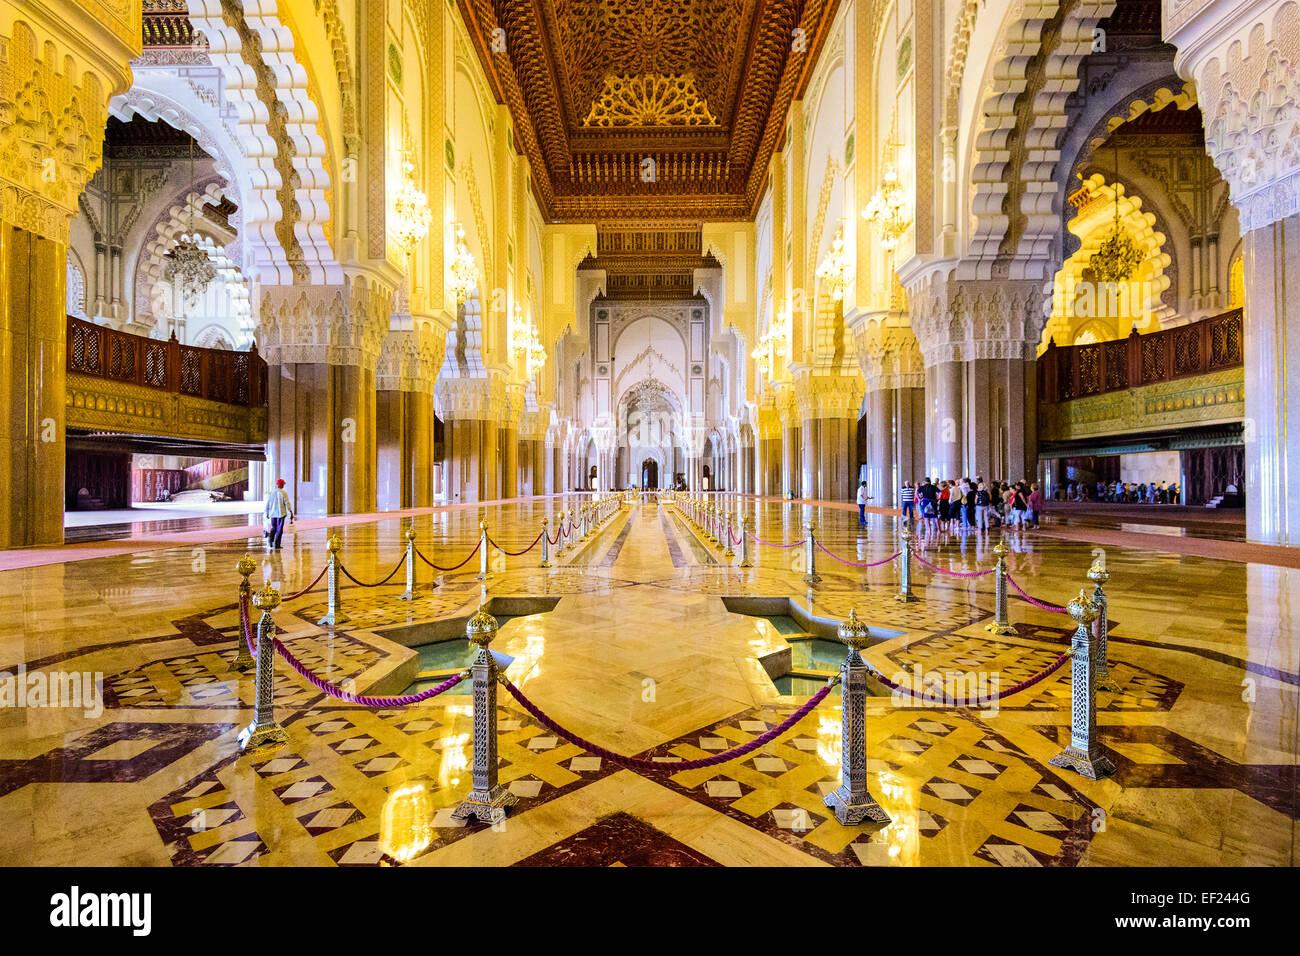 Casablanca, Marocco all'interno della moschea di Hassan II. Immagini Stock